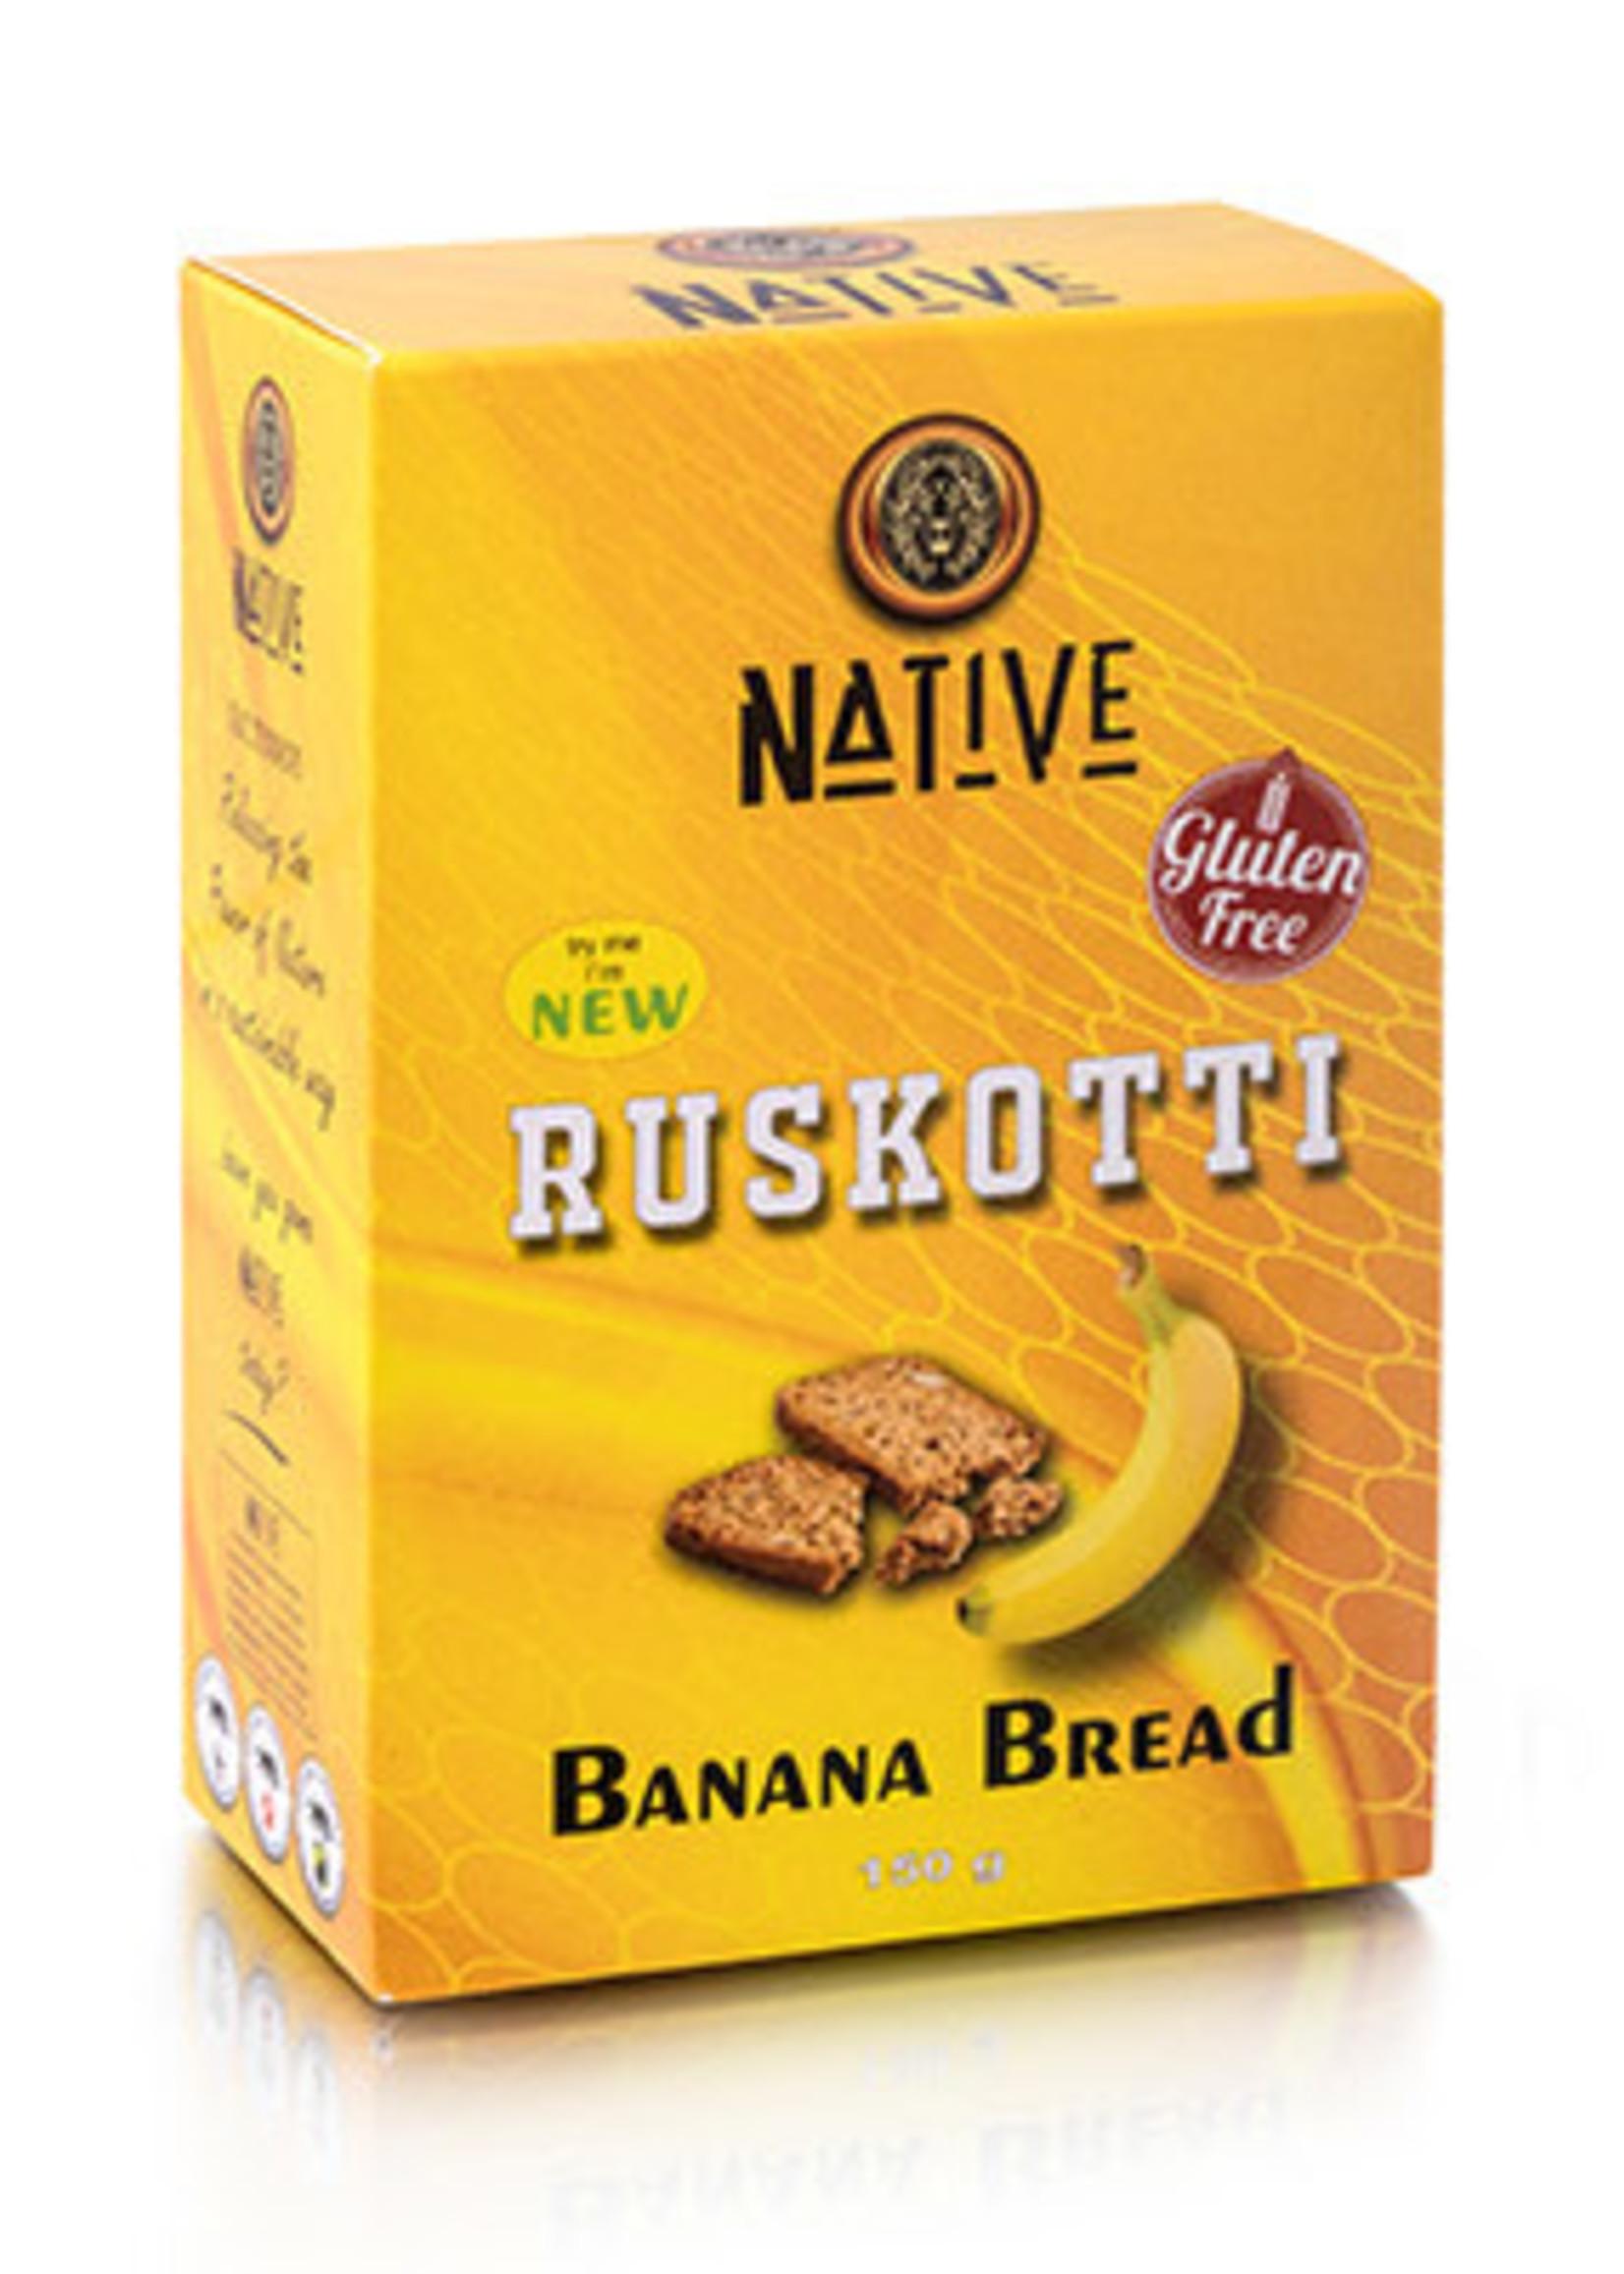 Native Native - Ruskotti- Banana Bread 150g